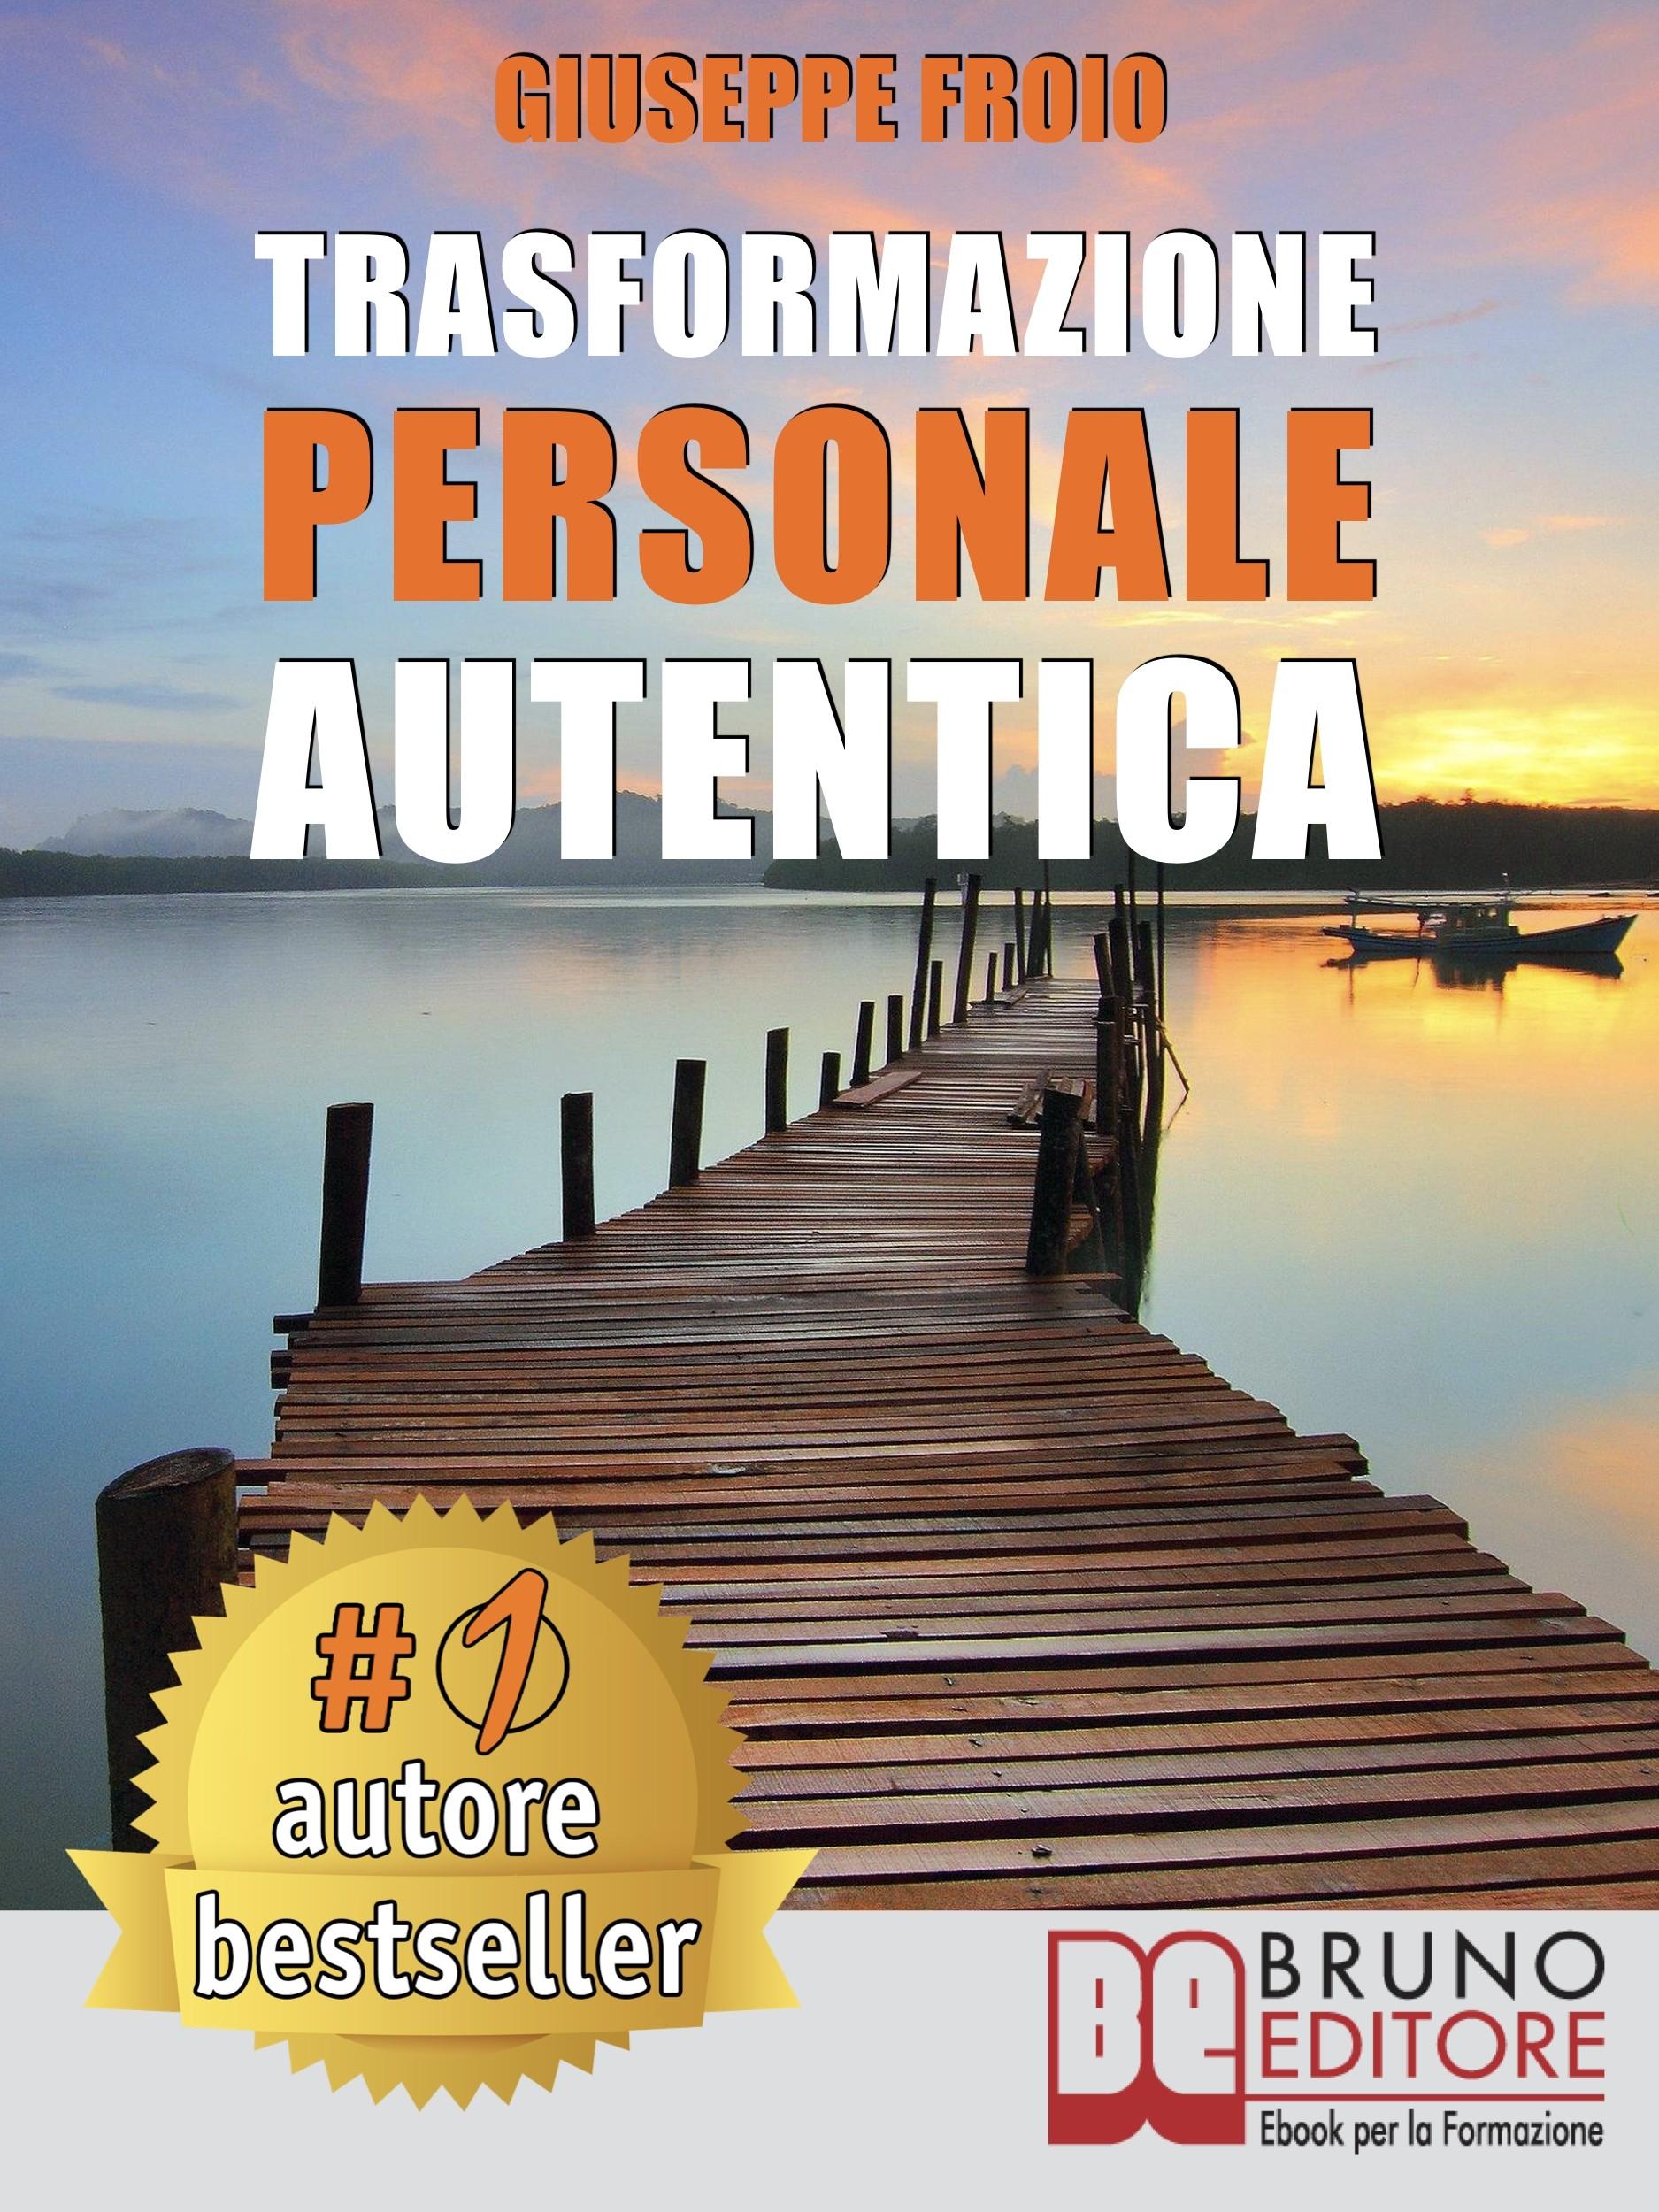 Trasformazione Personale Autentica